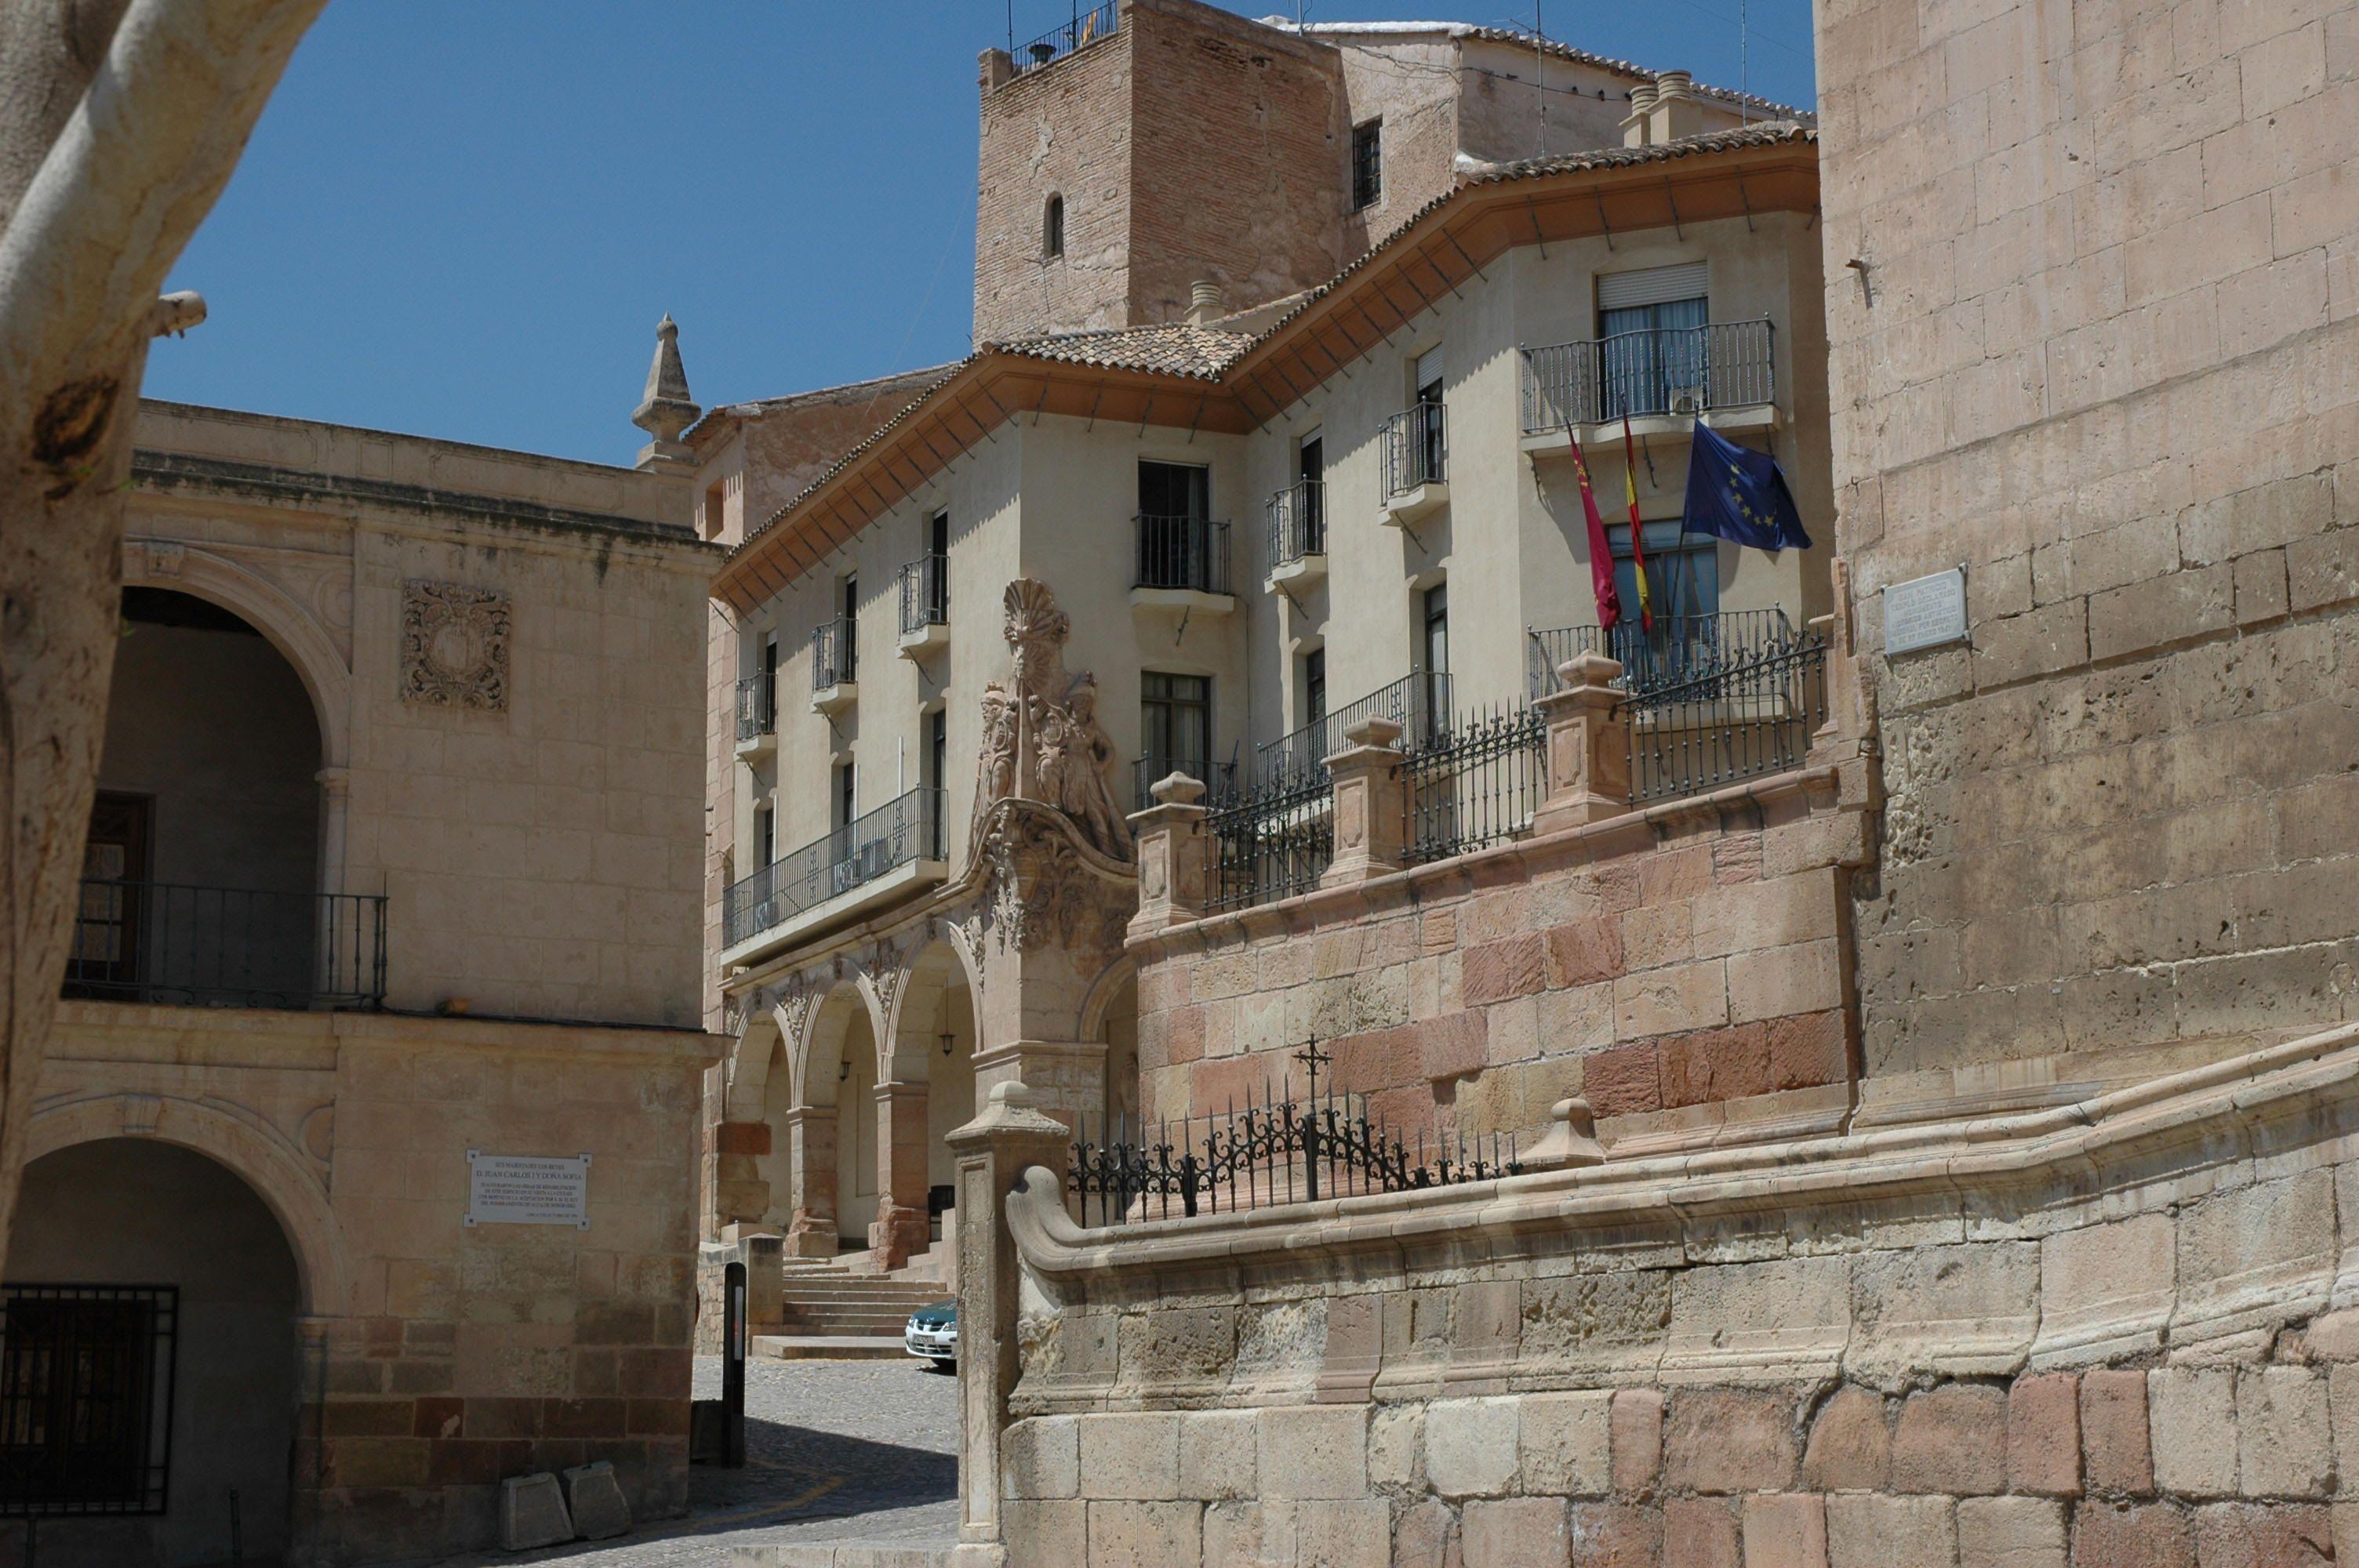 Aprobadas las obras de ampliación y mejora de los #juzgados de #Lorca por el #TSJ de #Murcia